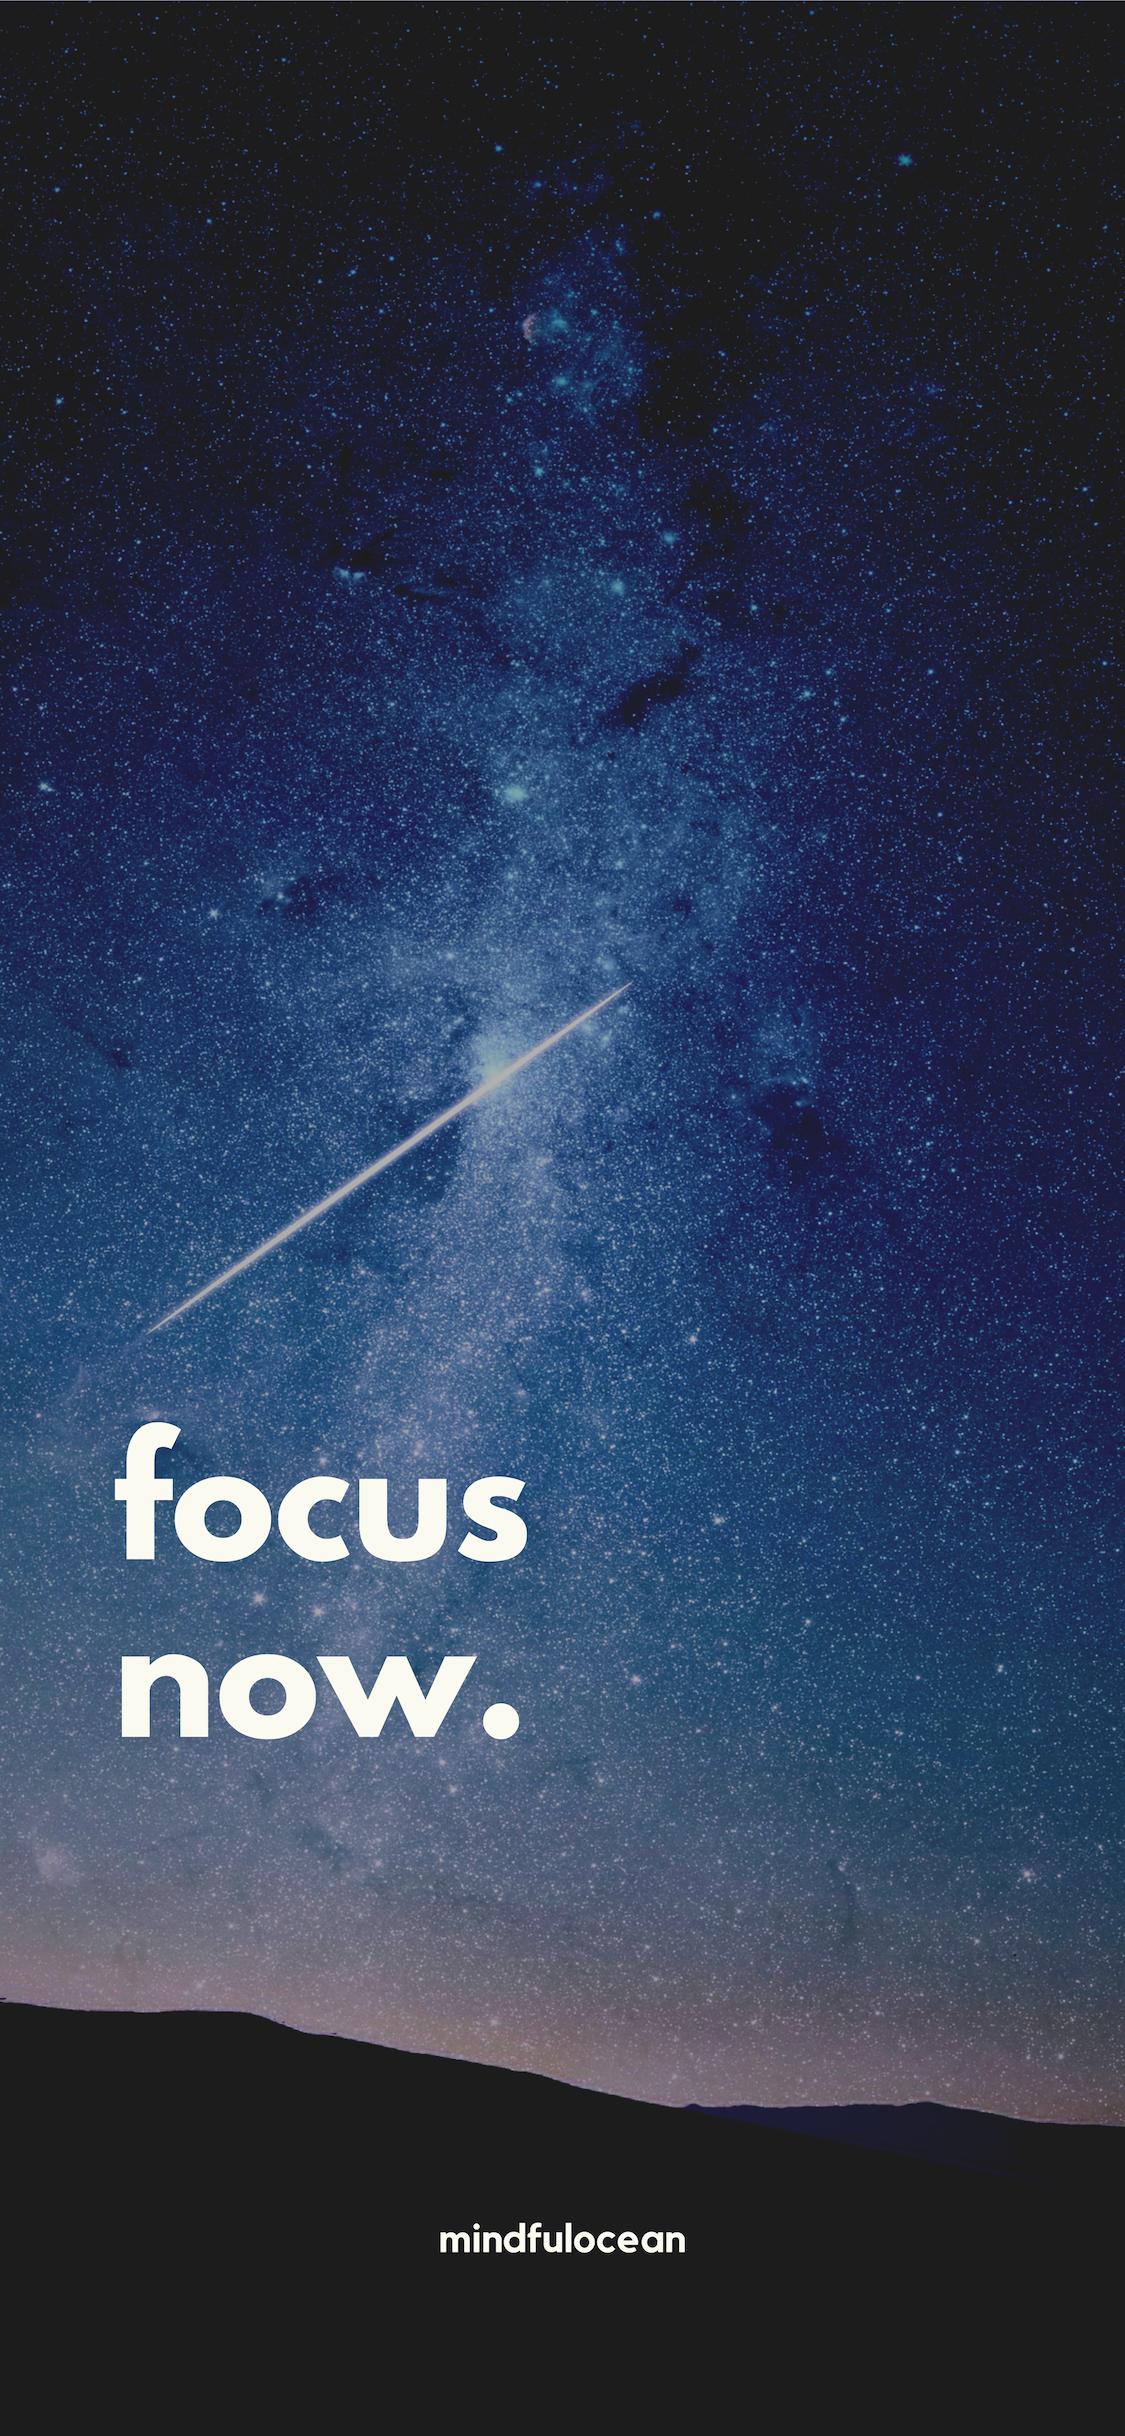 Mindfulness Wallpaper Phone 1125x2436 Download Hd Wallpaper Wallpapertip